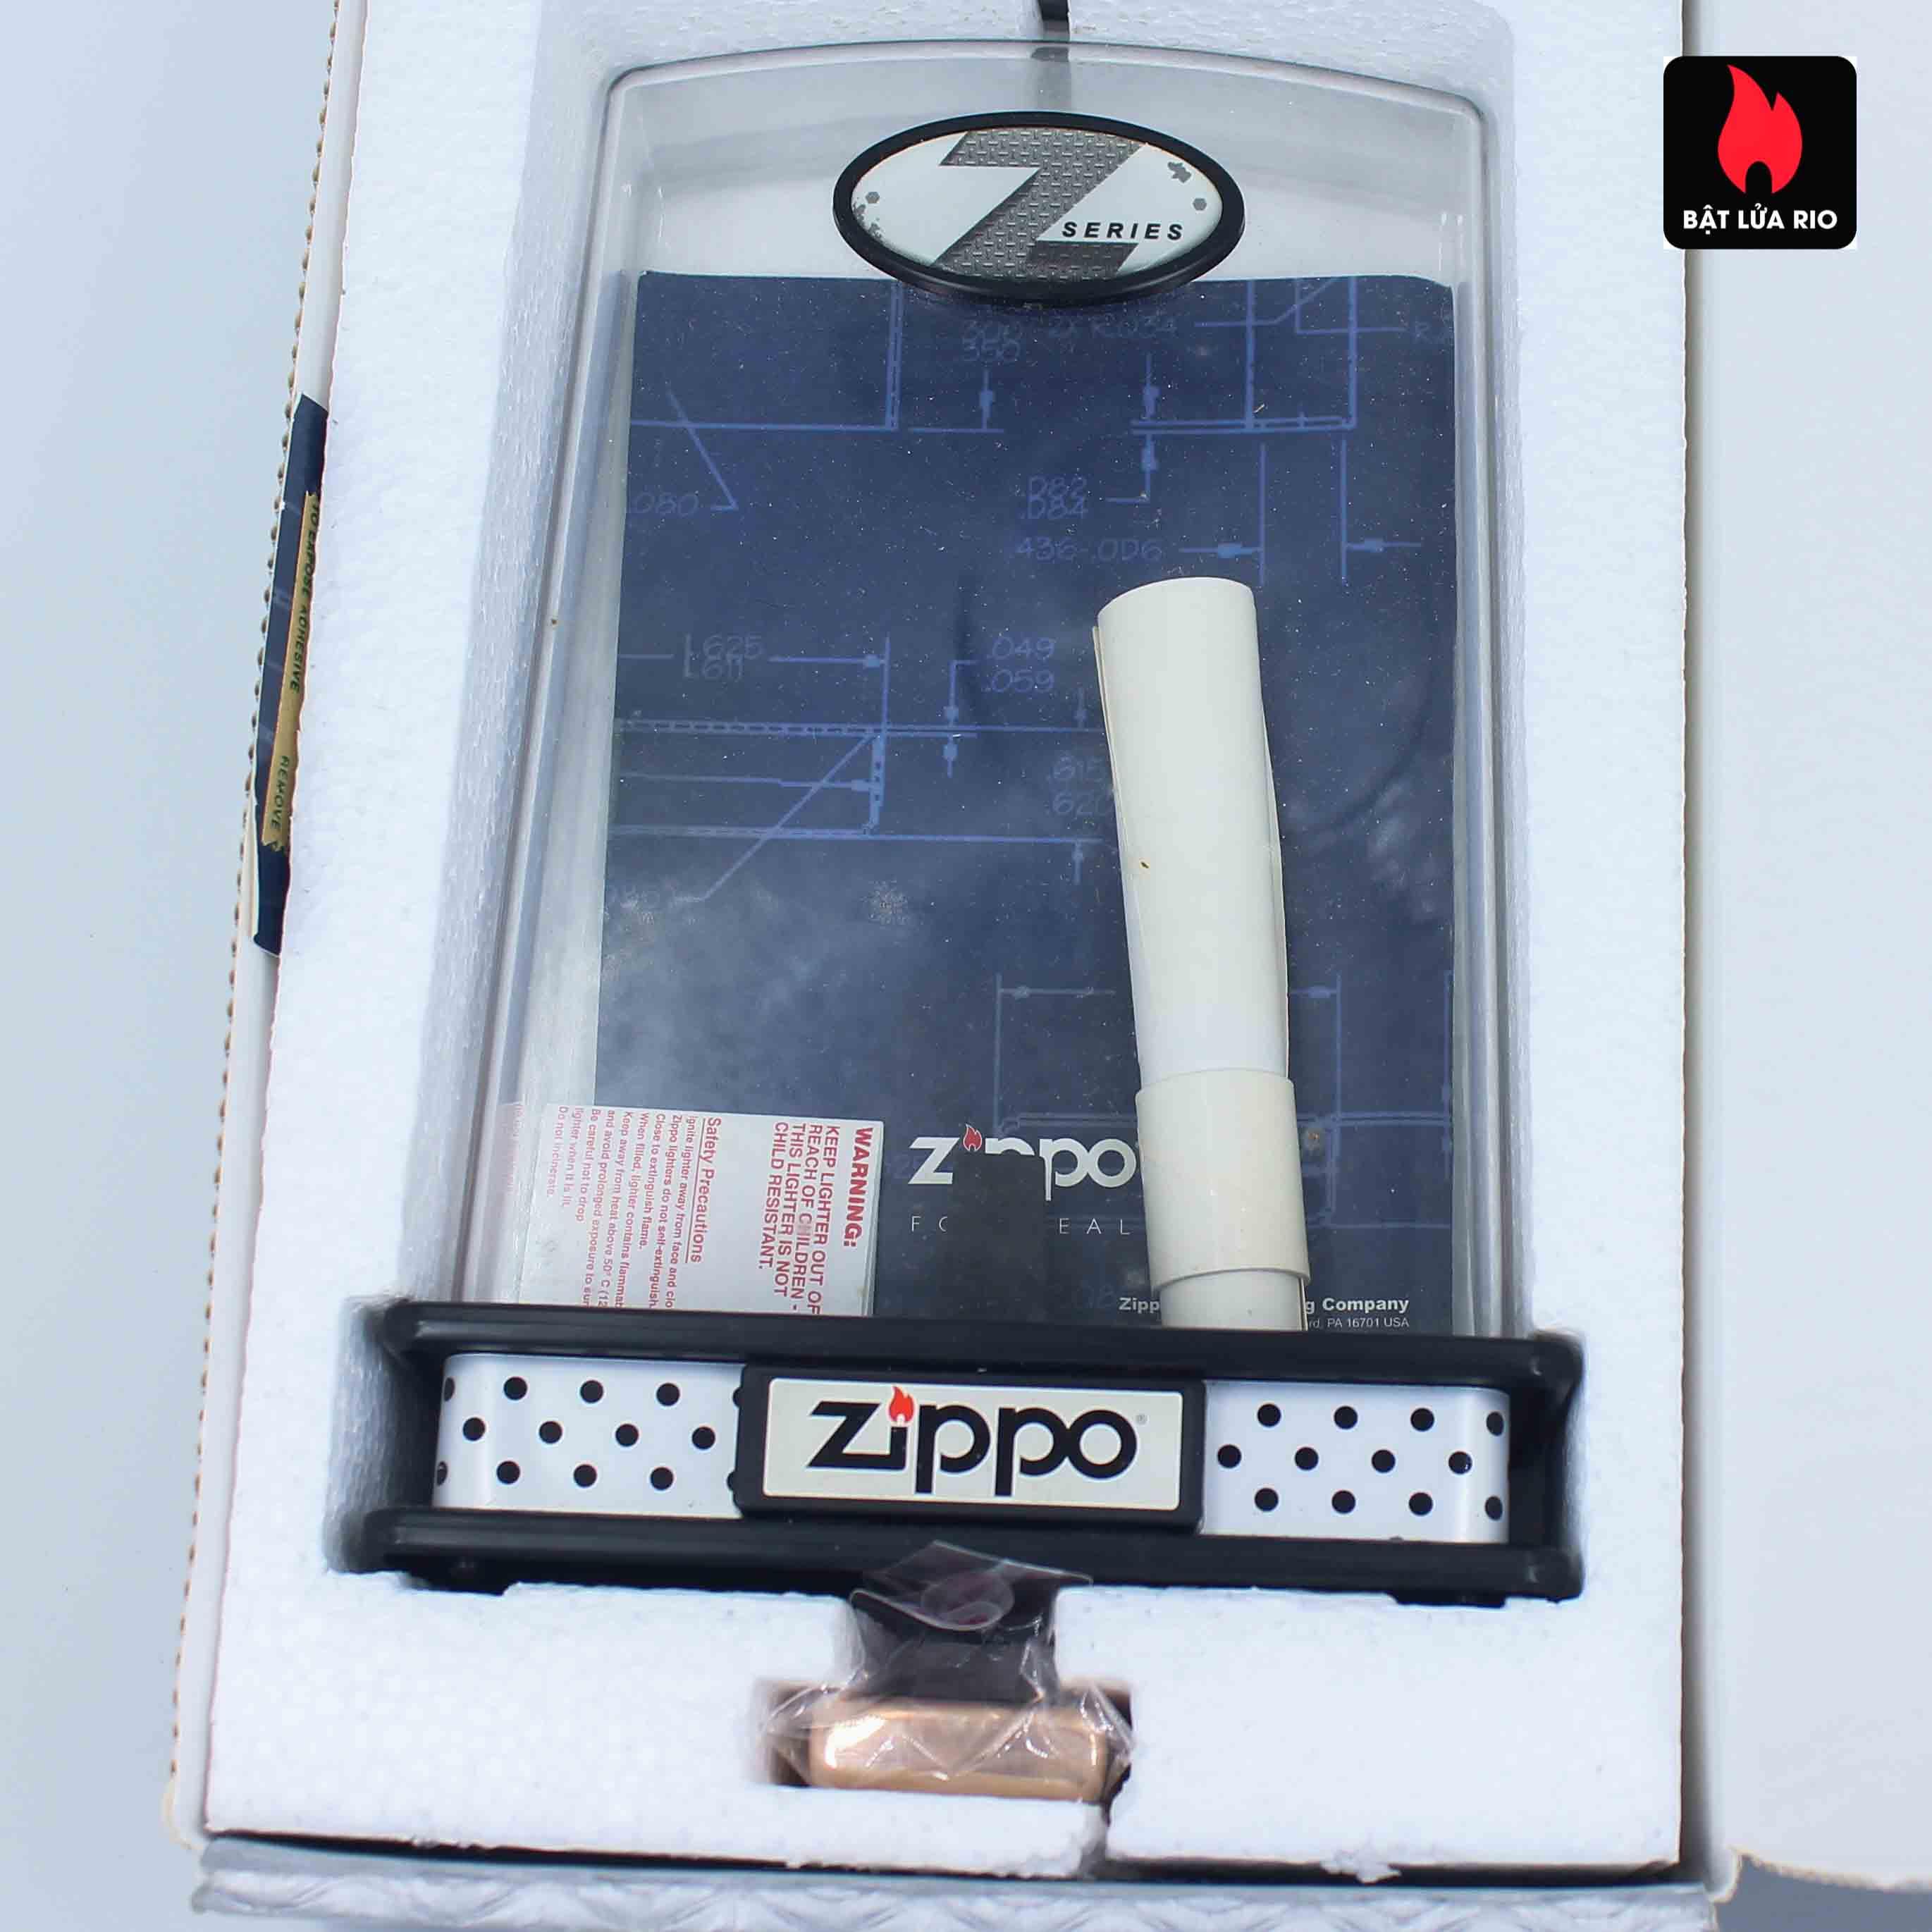 Zippo 2002 - Zippo Z-Series Copper Project - Click Member Edition 020/100